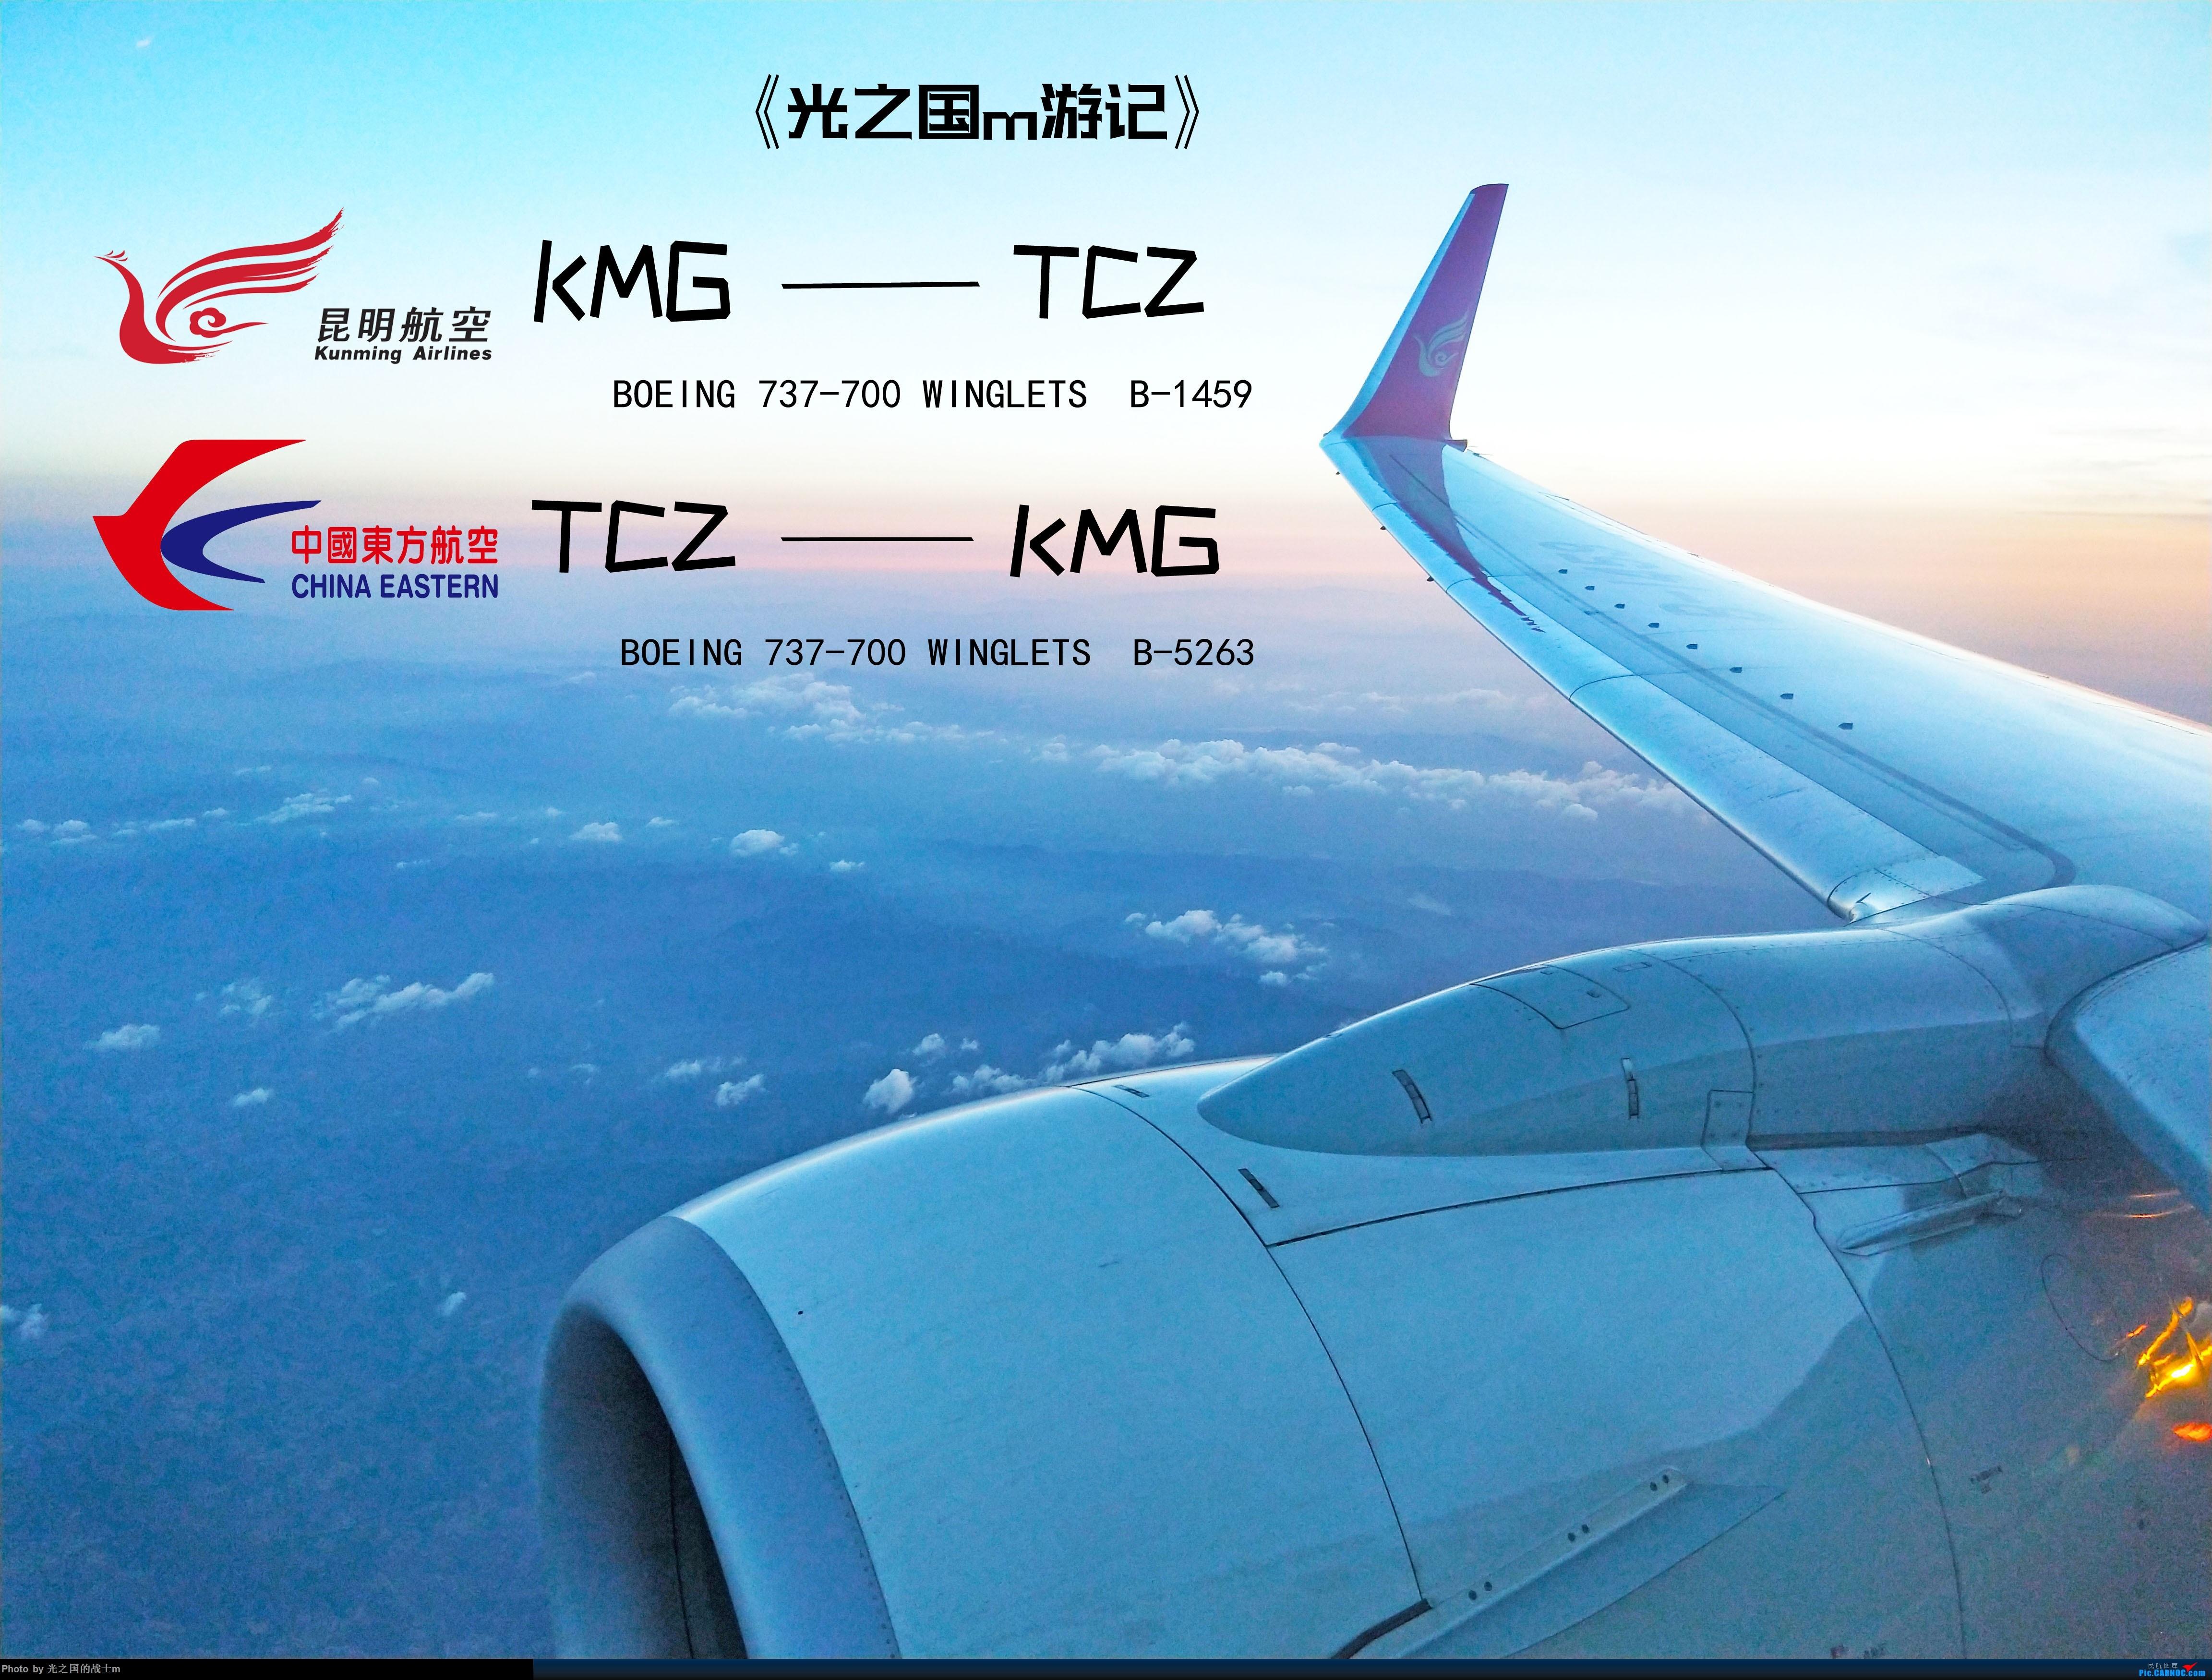 [原创]【光之国m游记】由春城飞往极边之城腾冲,体验不一样的短途航线 BOEING 737-700